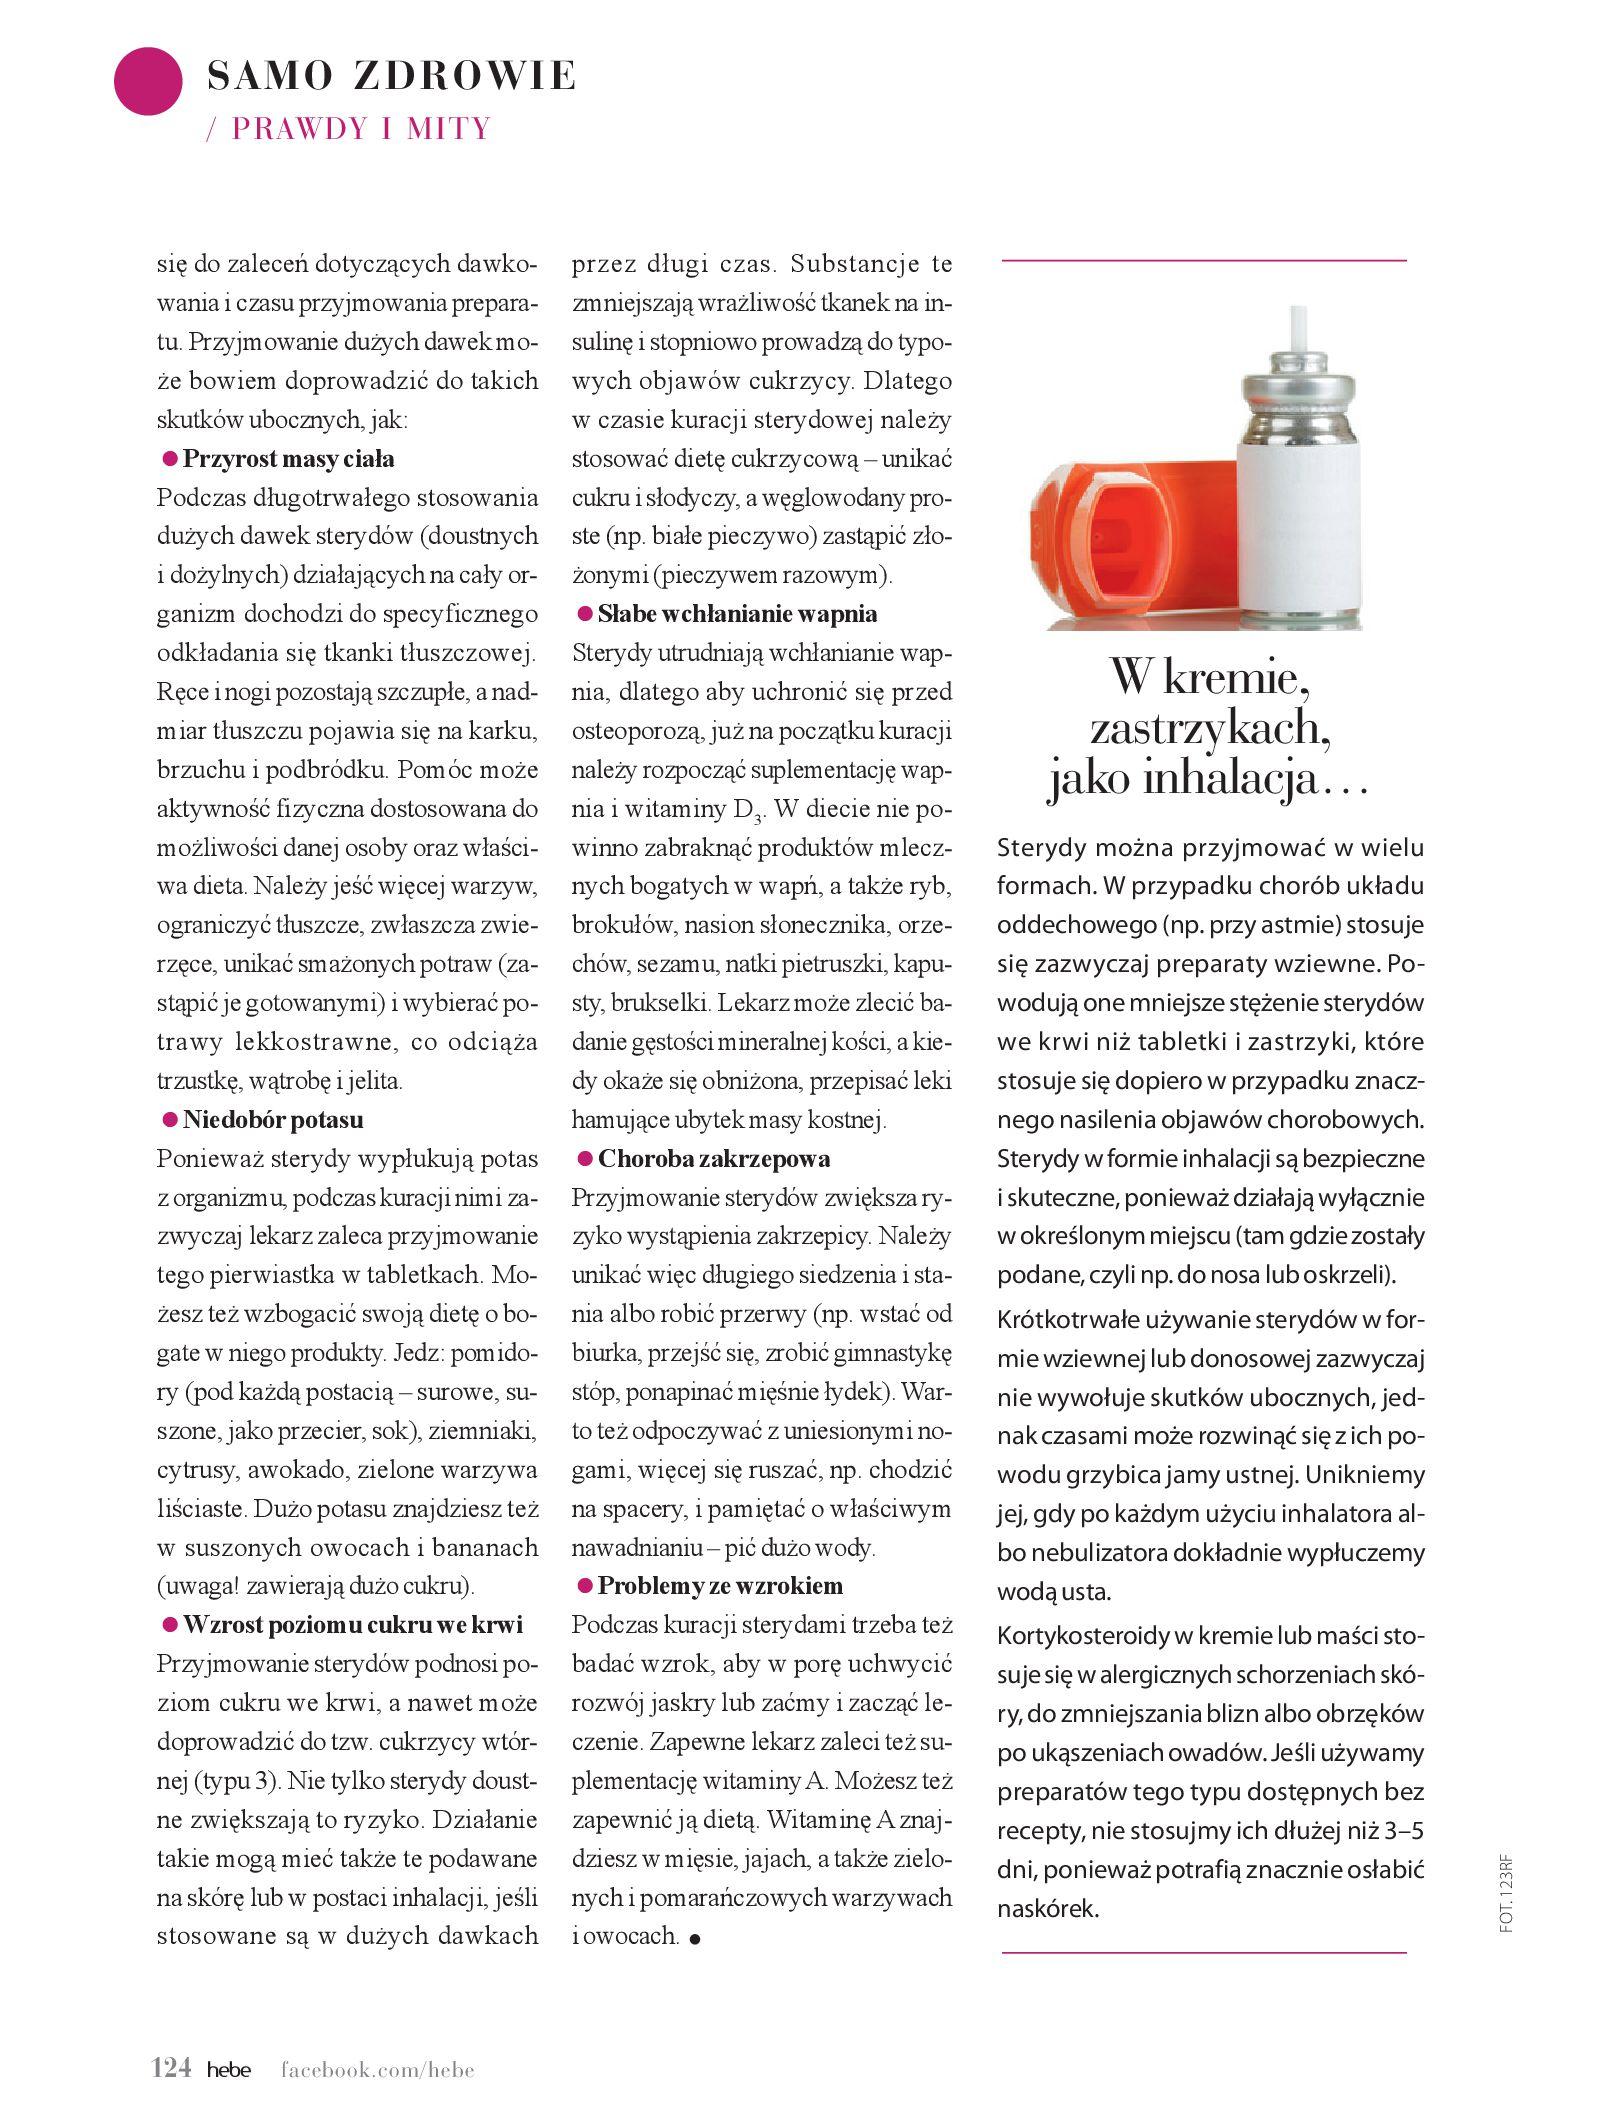 Gazetka hebe: Magazyn hebe - TURBO nawilżanie po urlopie 2021-09-01 page-124